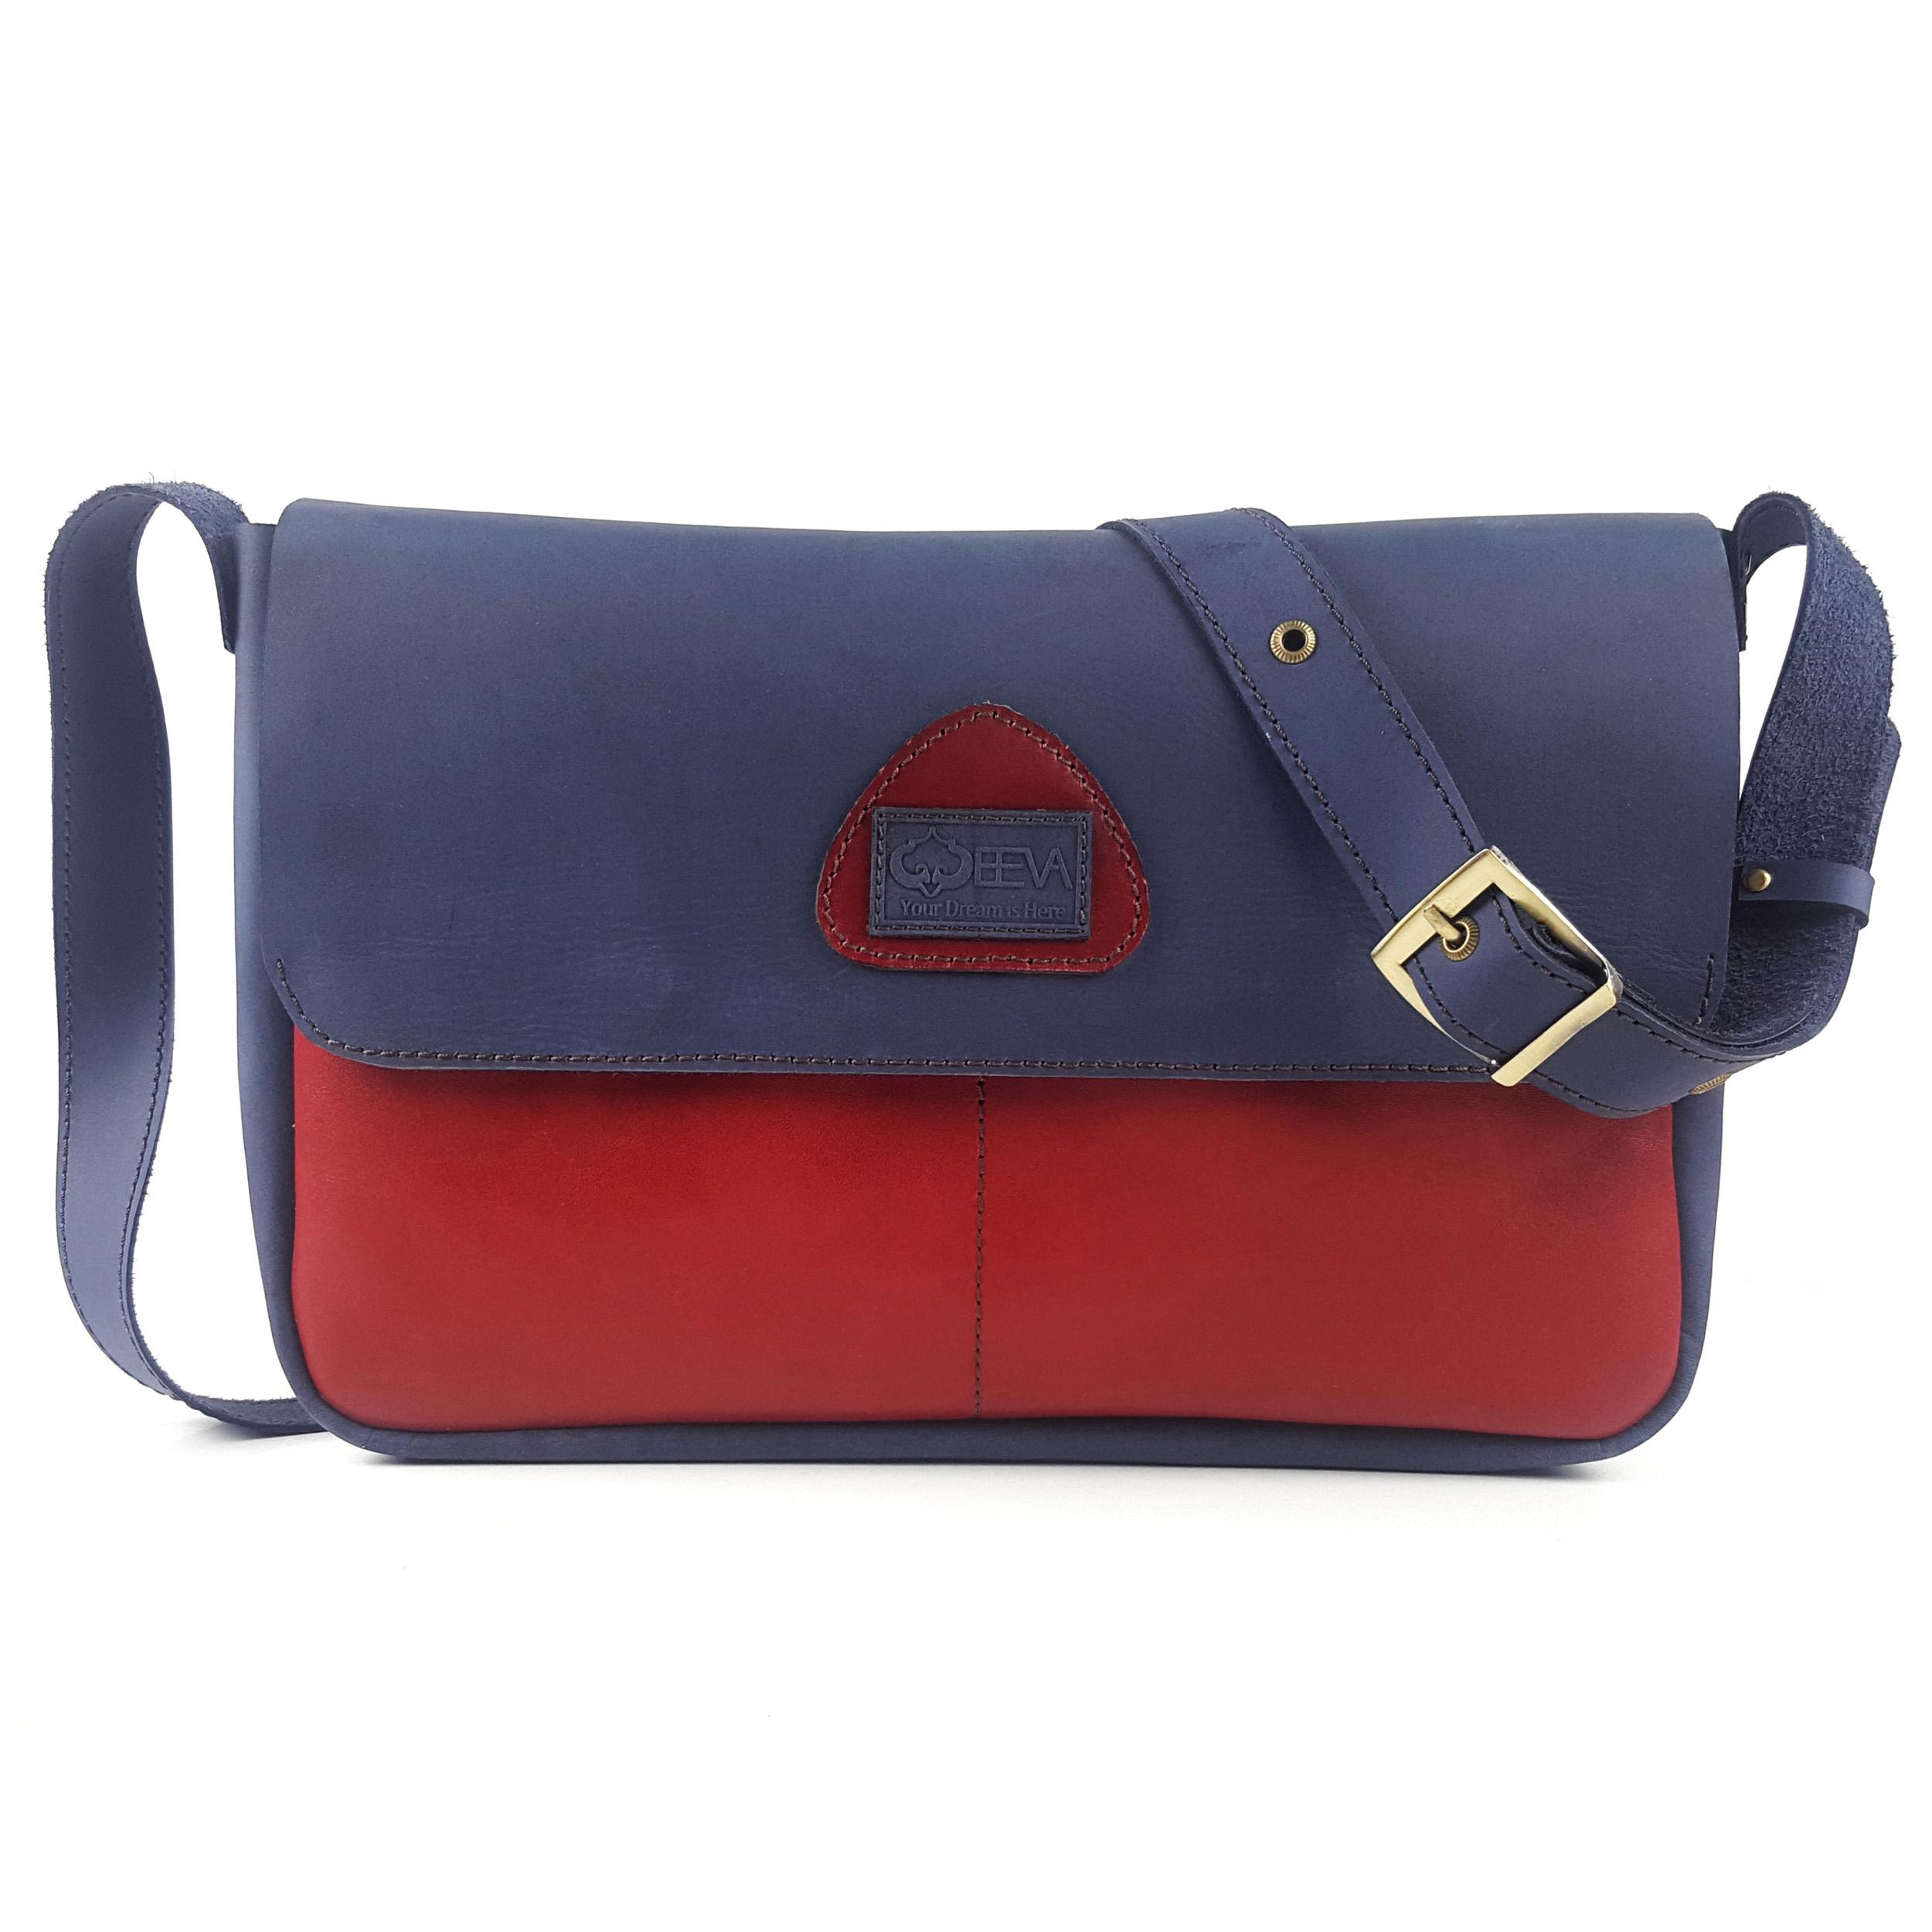 کیف رو دوشی چرم طبیعی ایوا مدل آروین سورمه ای طرح 1